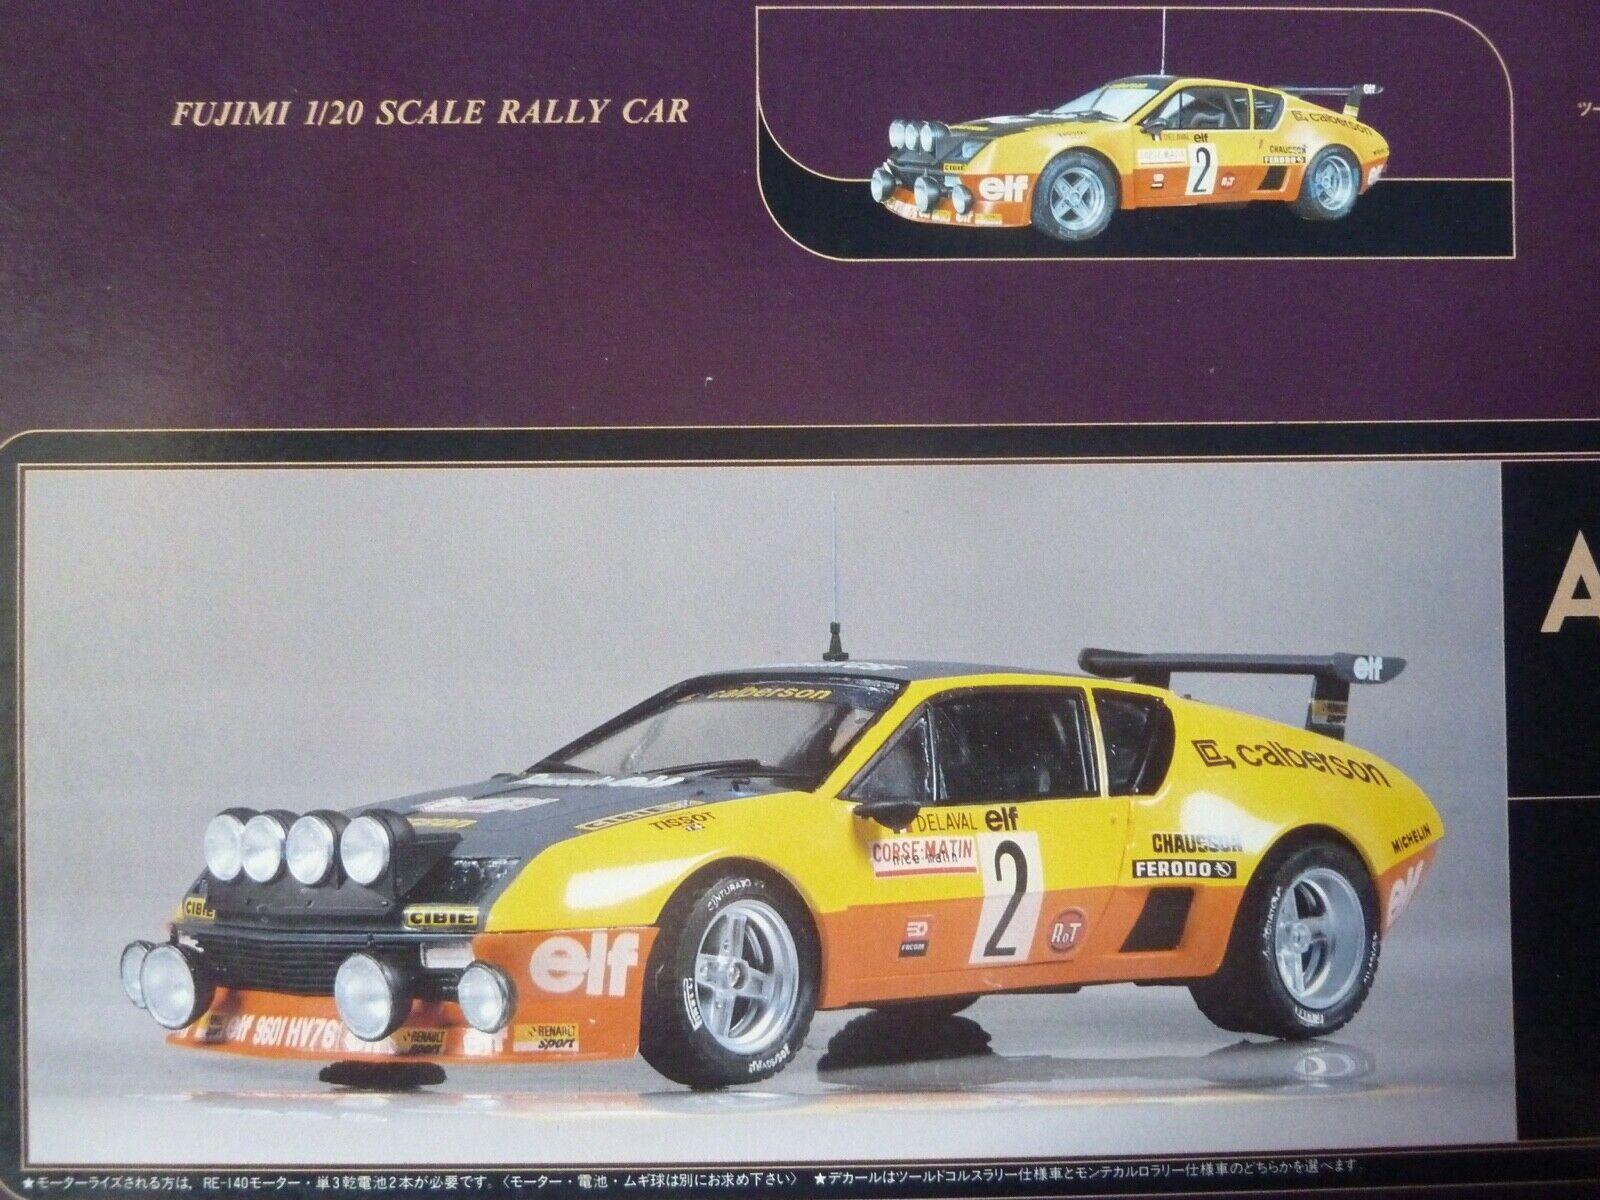 1 20 Fujimi, Alpine Renault  a310 v6, Calberson  livraison directe et rapide